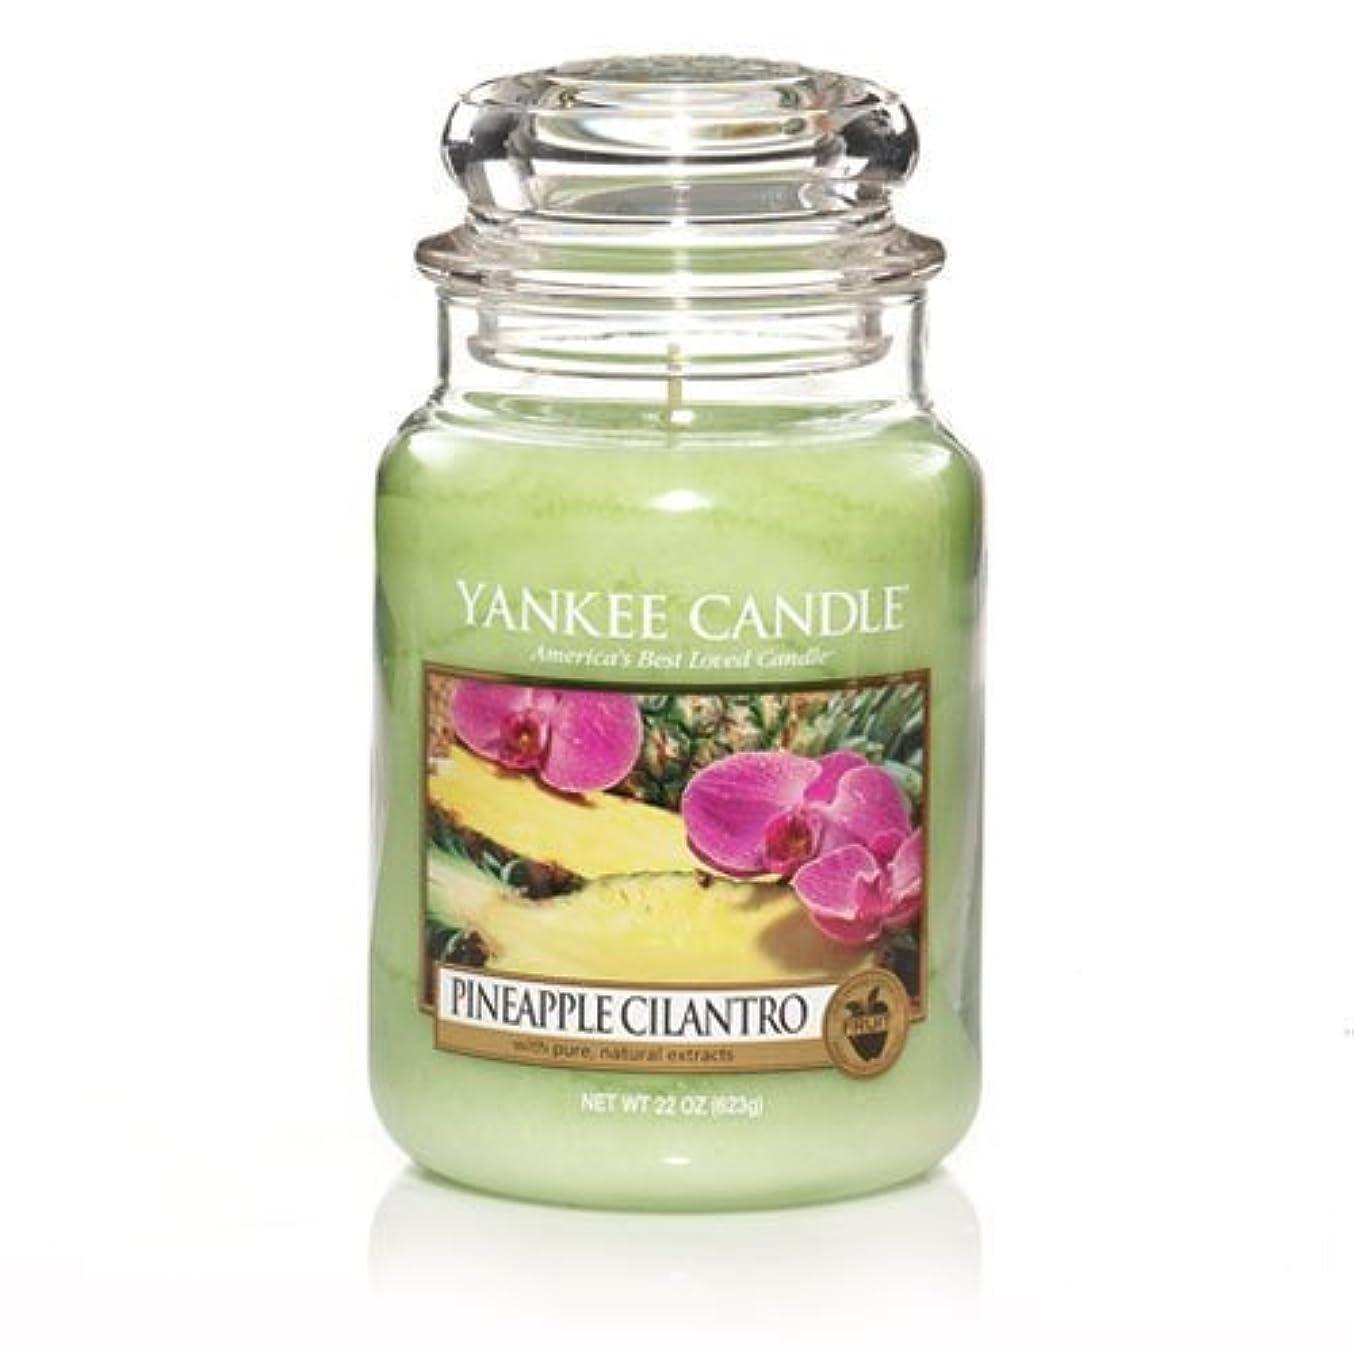 政令スリーブ連続的Yankee Candle Pineapple Cilantro Large Jar 22oz Candle by Amazon source [並行輸入品]